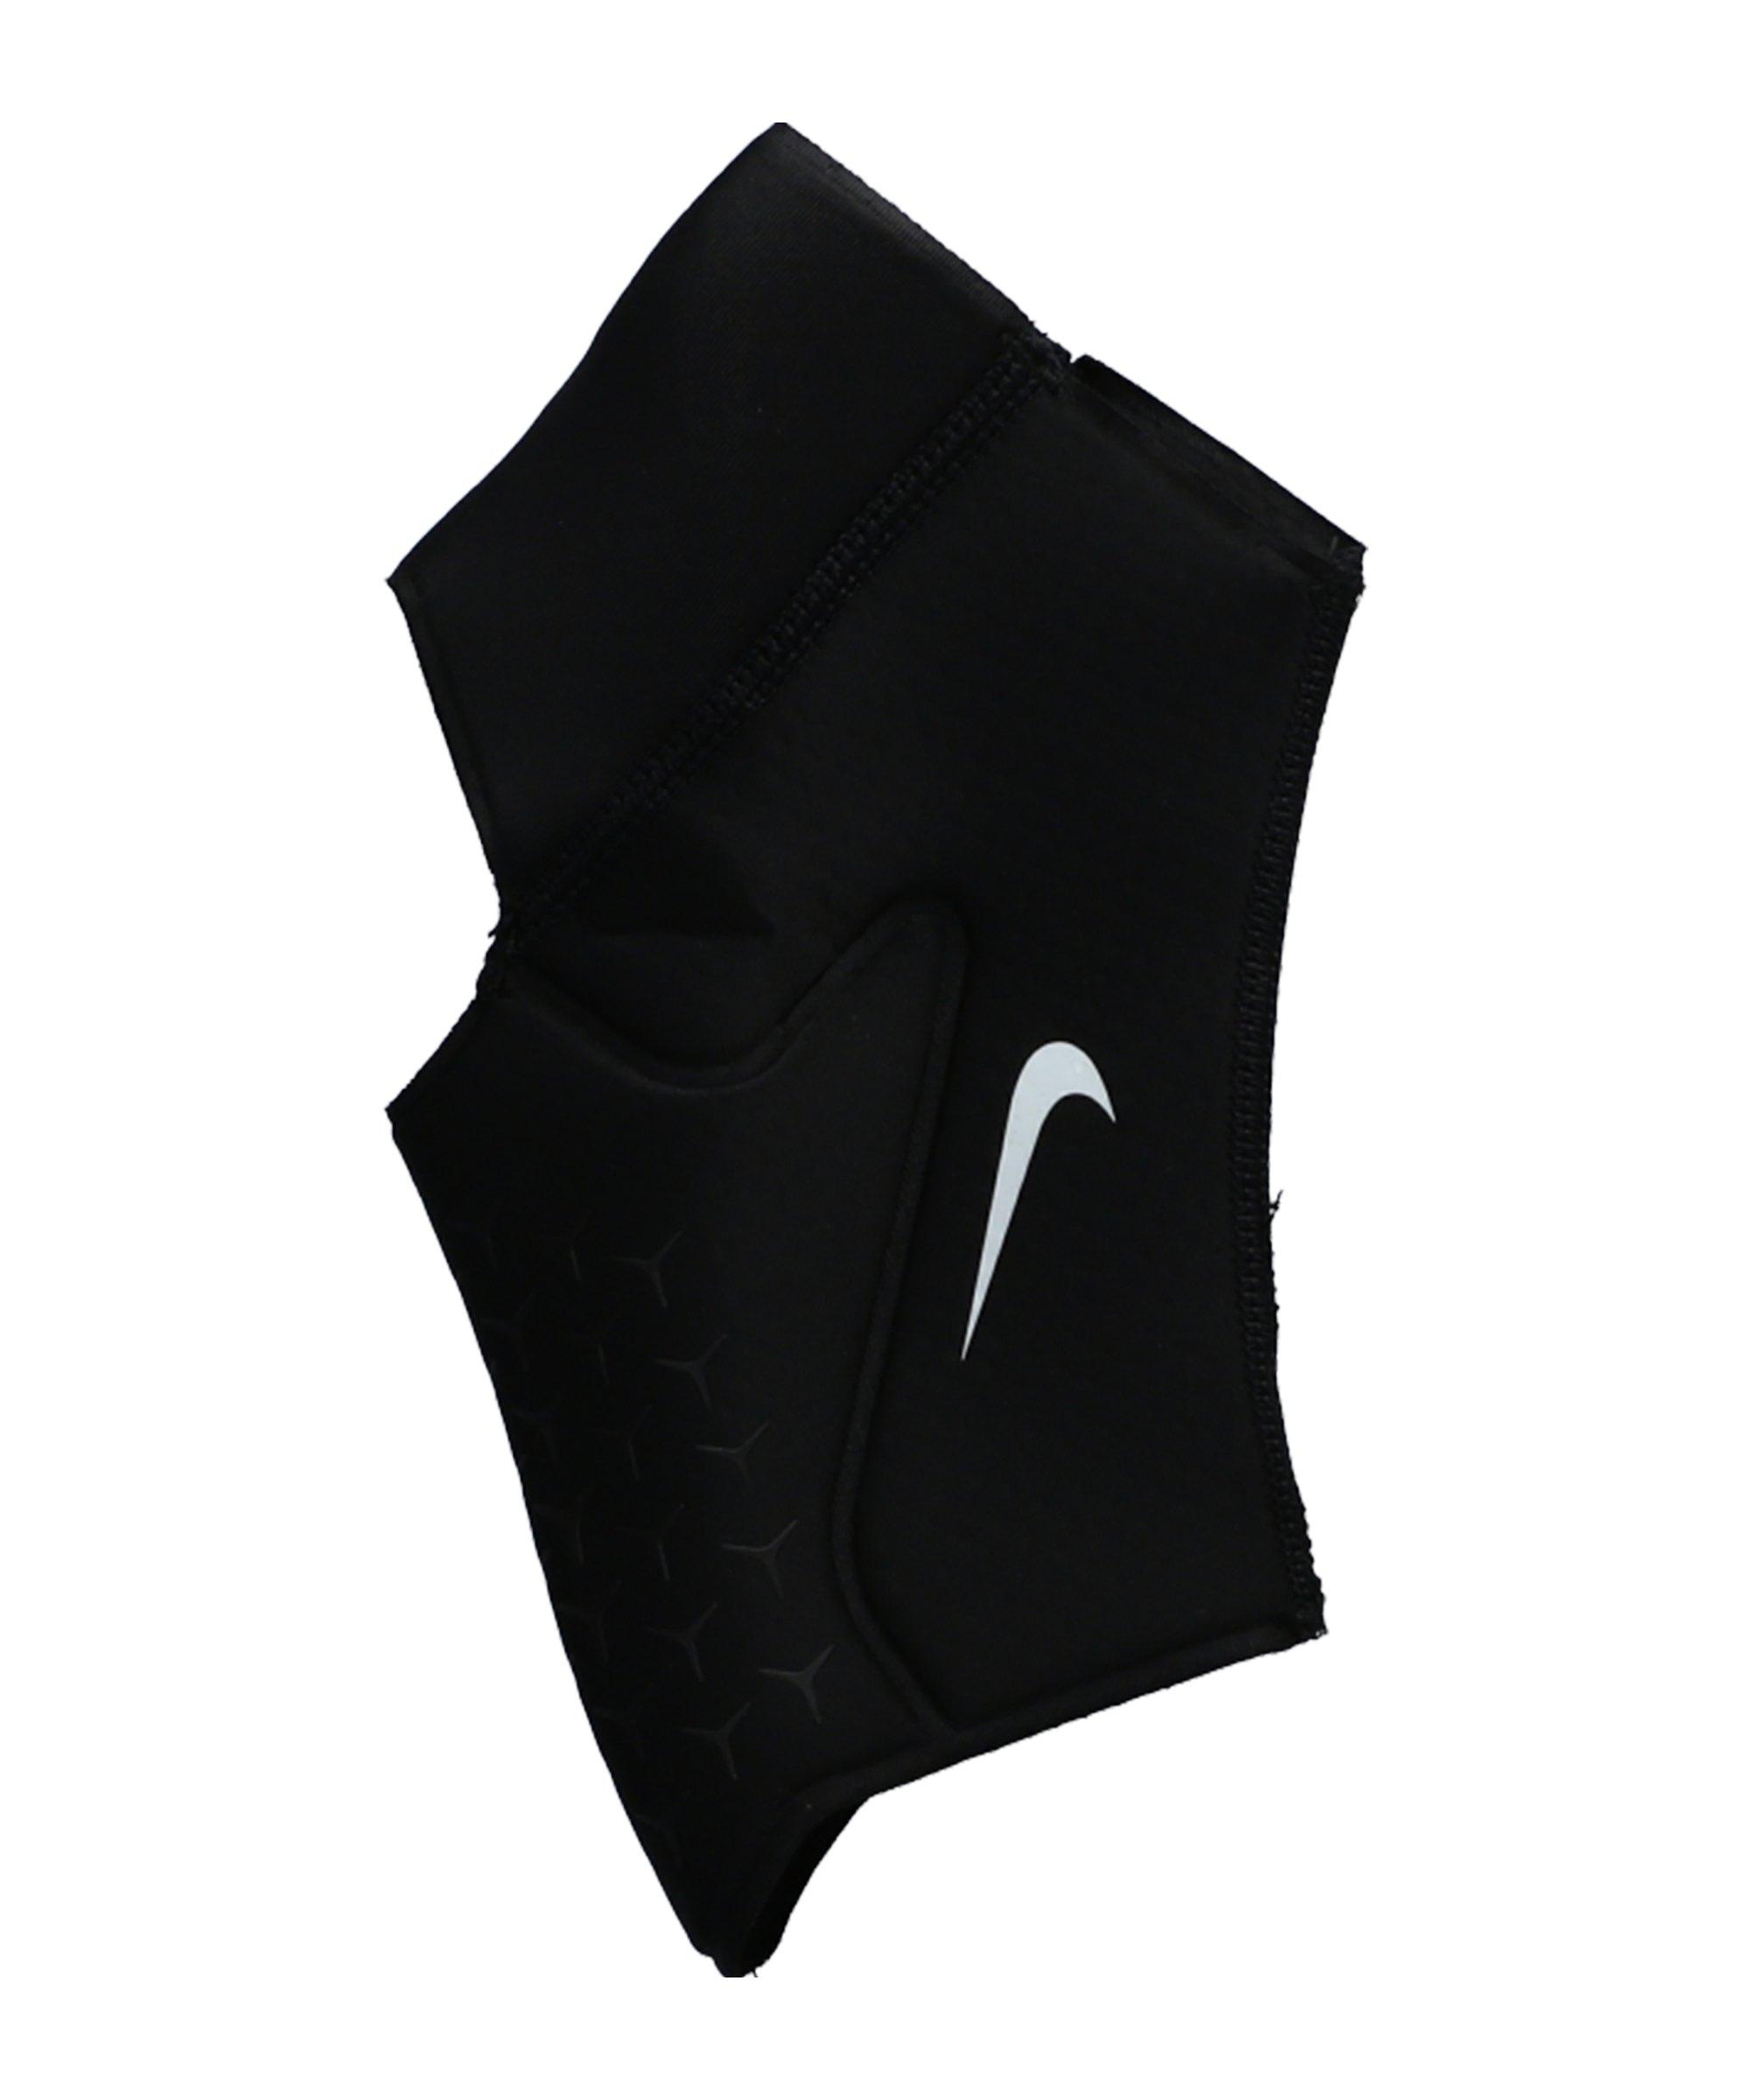 Nike Pro Ankle Sleeve 3.0 Schwarz Weiss F010 - schwarz